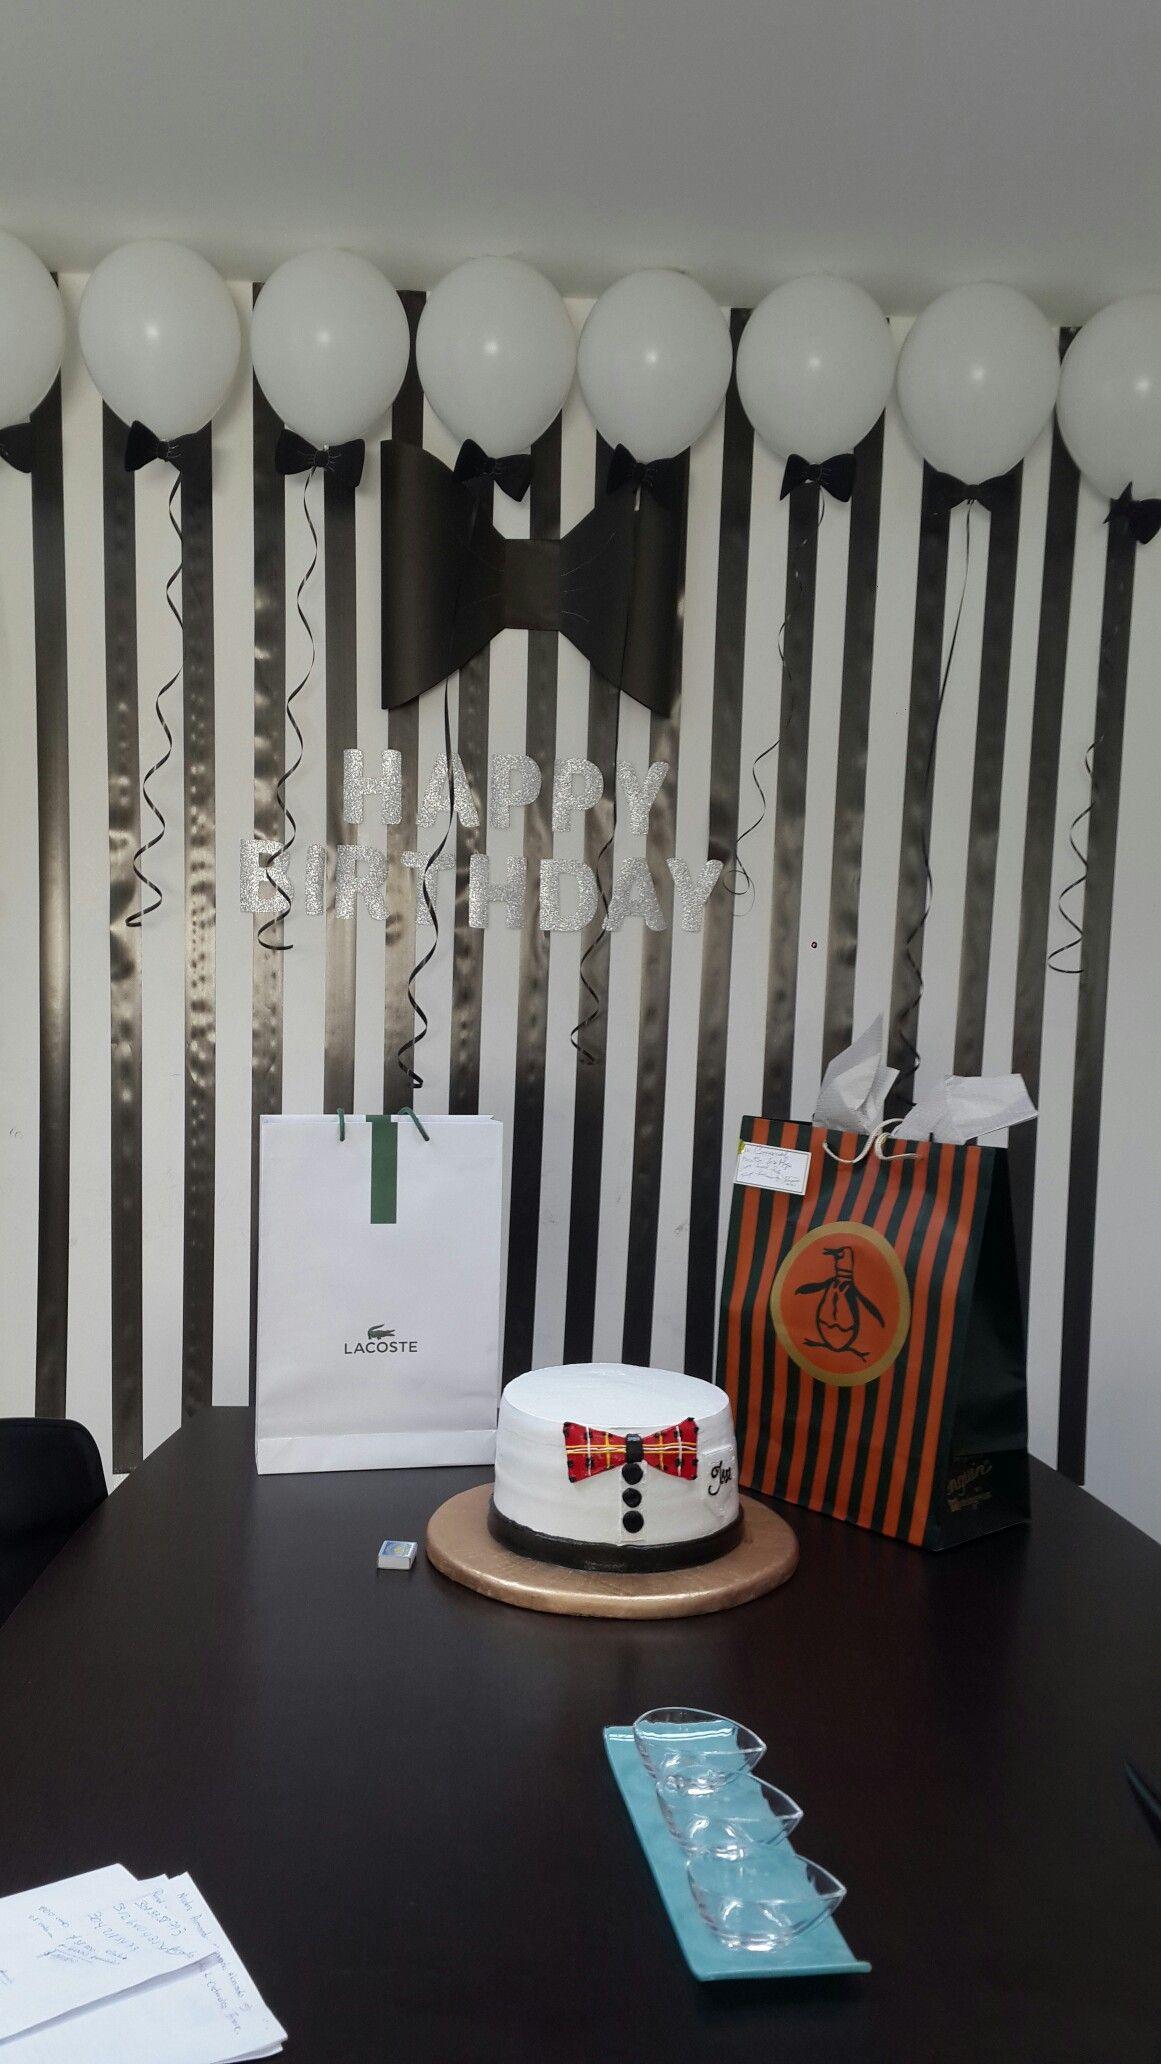 Decoracion cumplea os hombre creatividad decoraci n - Decoracion fiesta 18 cumpleanos ...